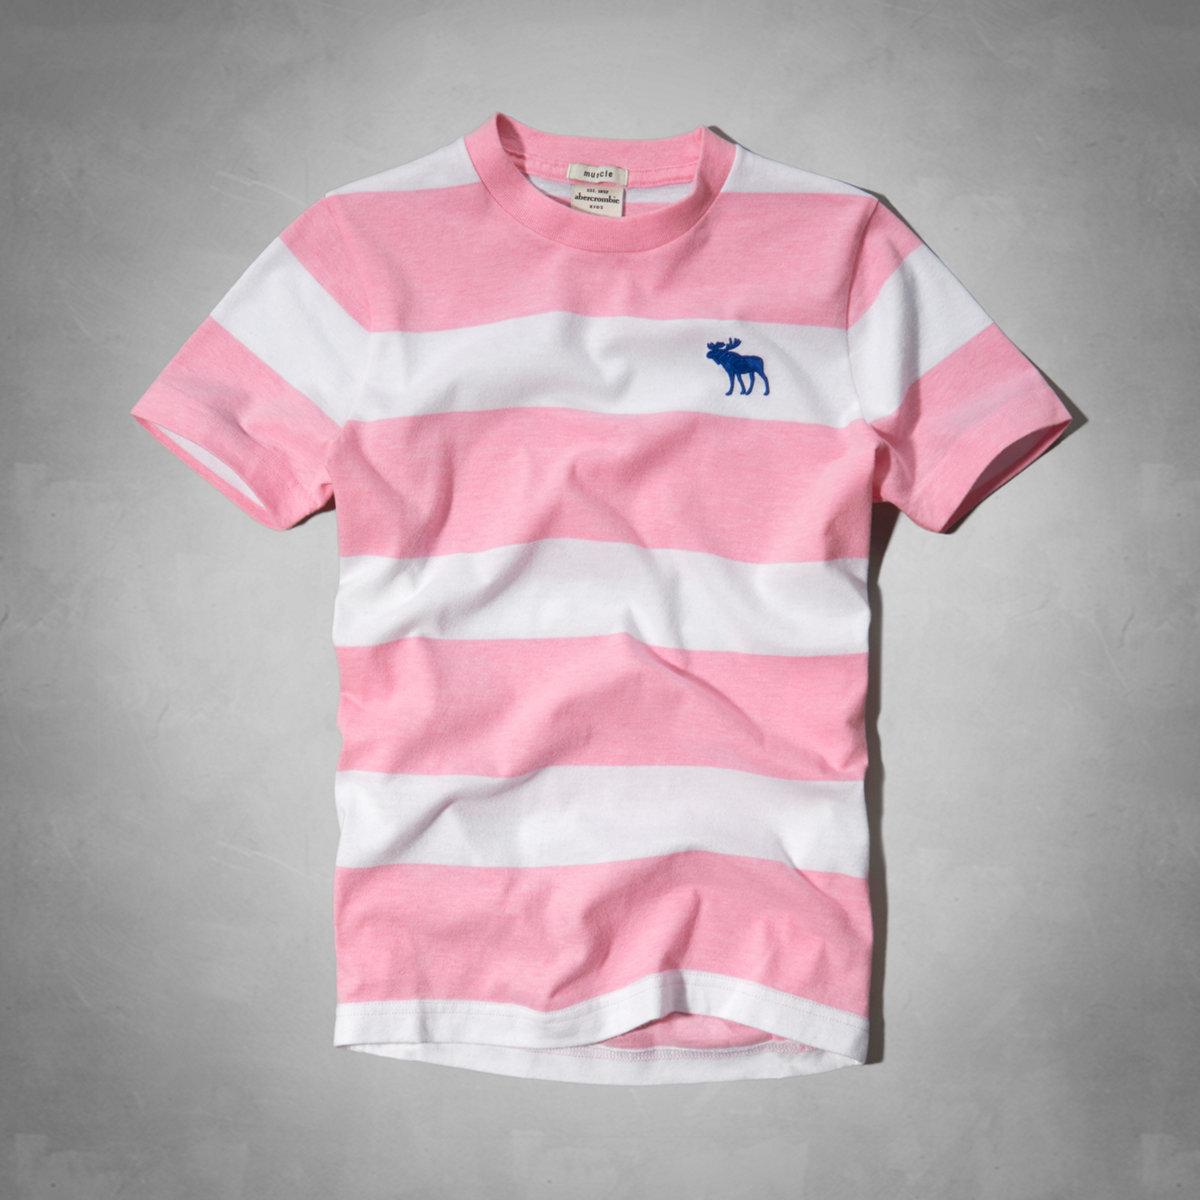 美國百分百【全新真品】Abercrombie & Fitch T恤 AF 短袖 T-shirt 麋鹿 粉紅 條紋 Logo 男 女 Kids S號